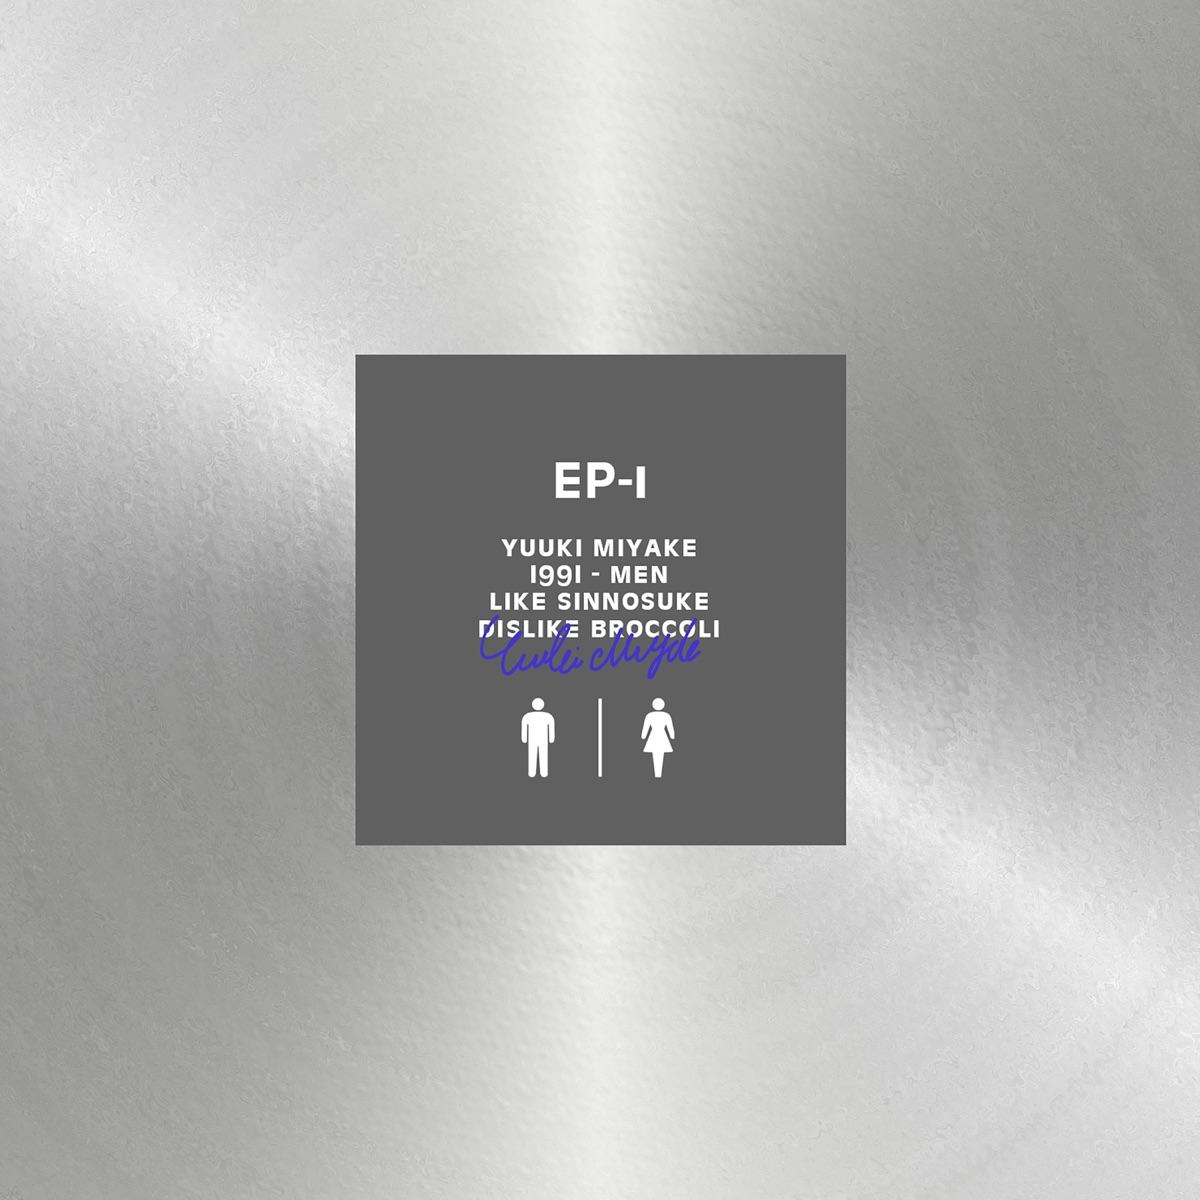 『YUUKI MIYAKE - チャイルドギャングエンパイア 歌詞』収録の『EP-1』ジャケット